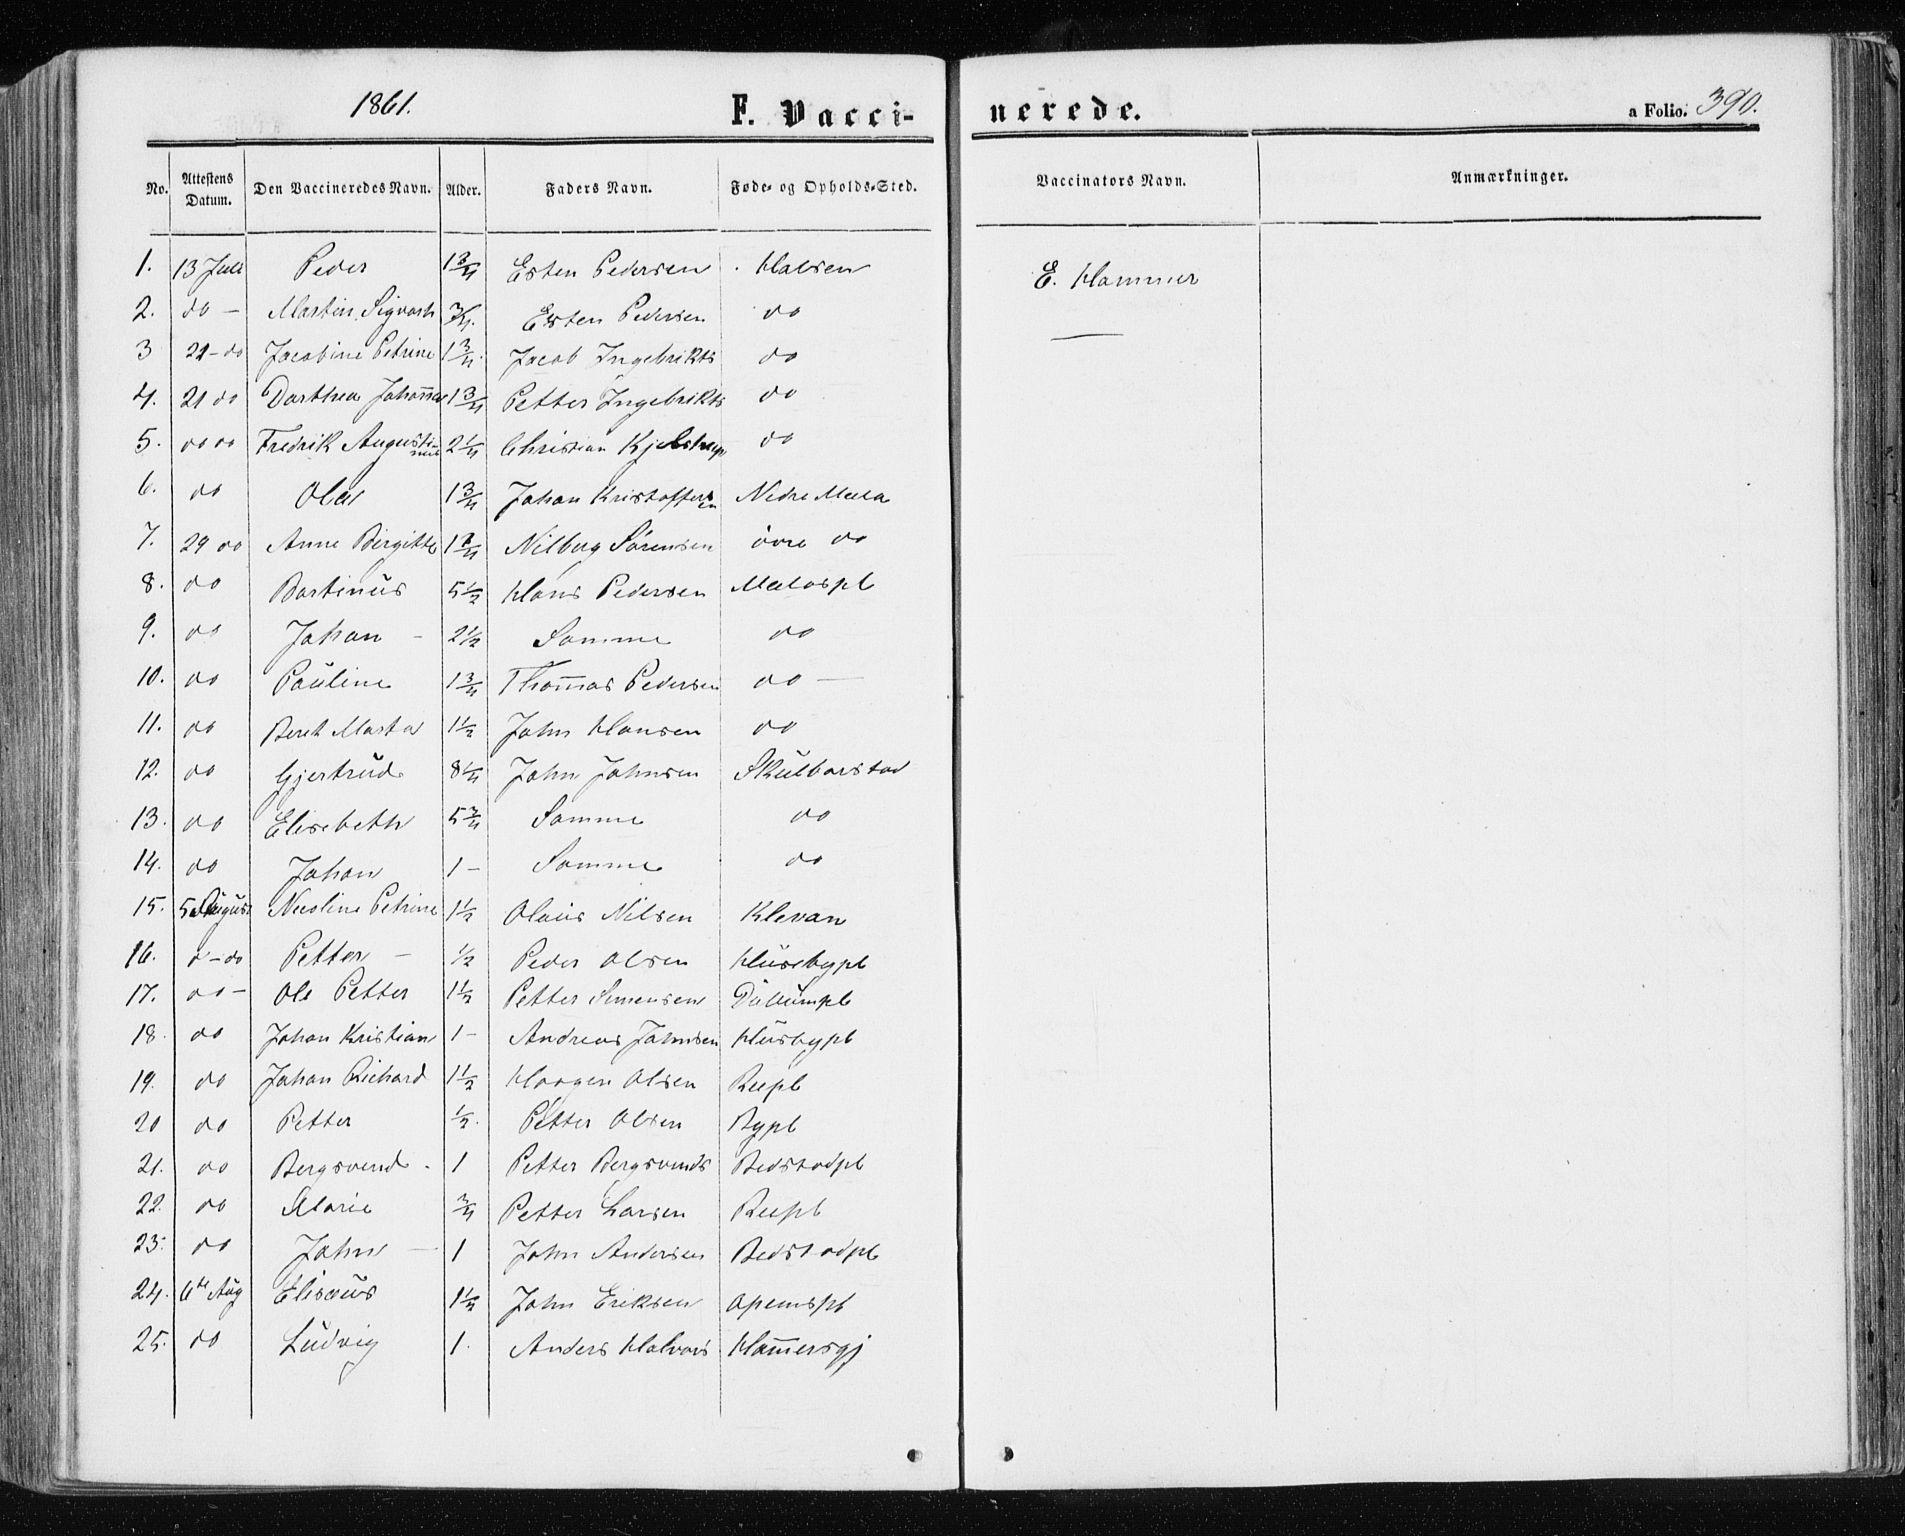 SAT, Ministerialprotokoller, klokkerbøker og fødselsregistre - Nord-Trøndelag, 709/L0075: Ministerialbok nr. 709A15, 1859-1870, s. 390